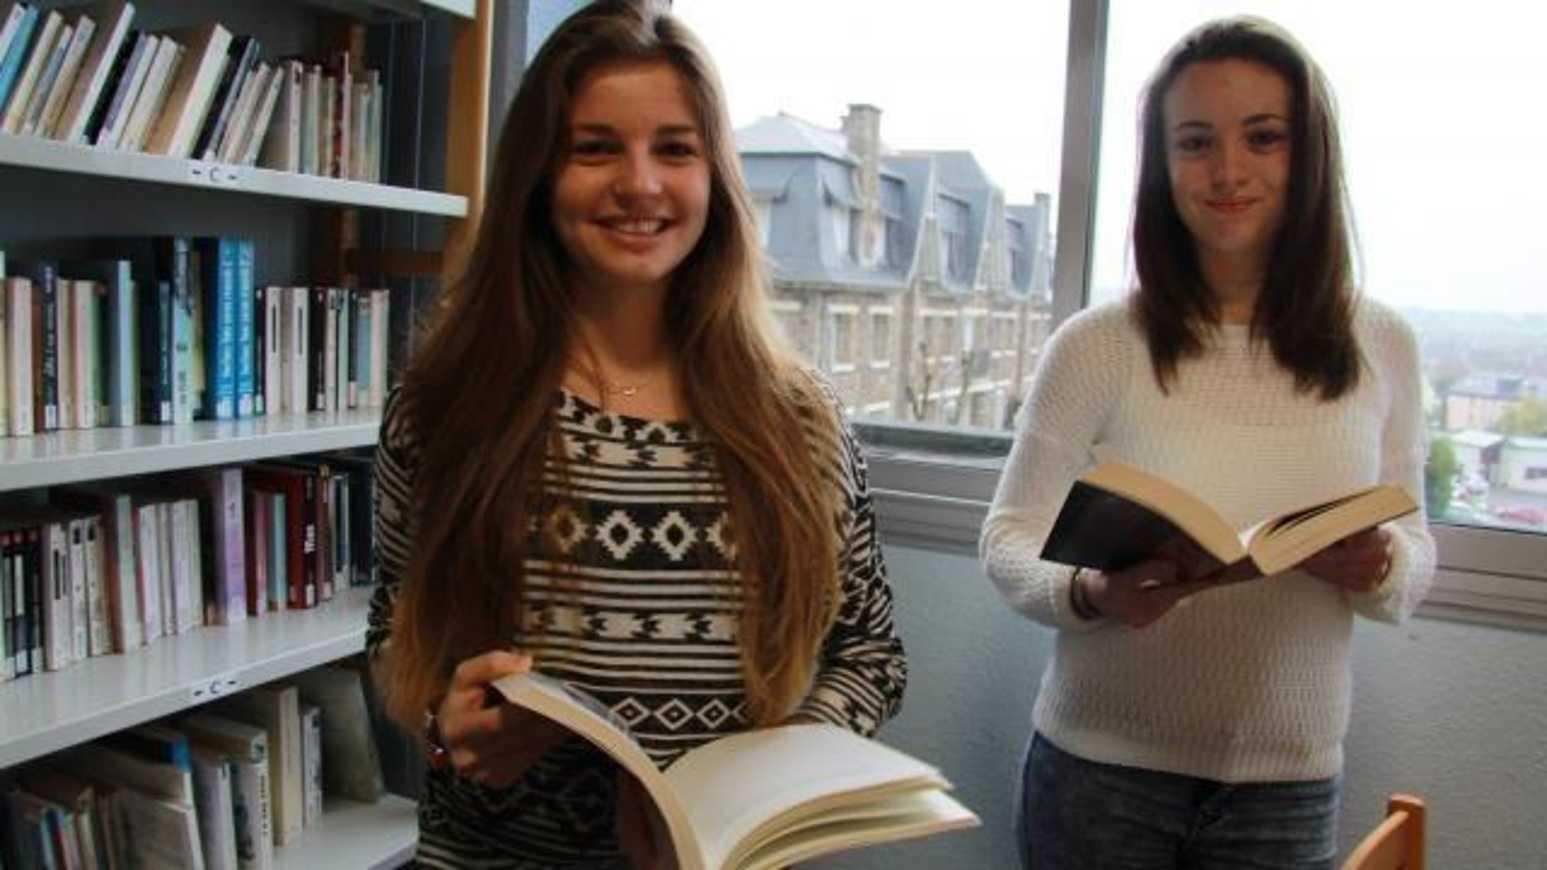 Echanges franco-allemand : Les jeunes tissent de belles amitiés (OF) 0